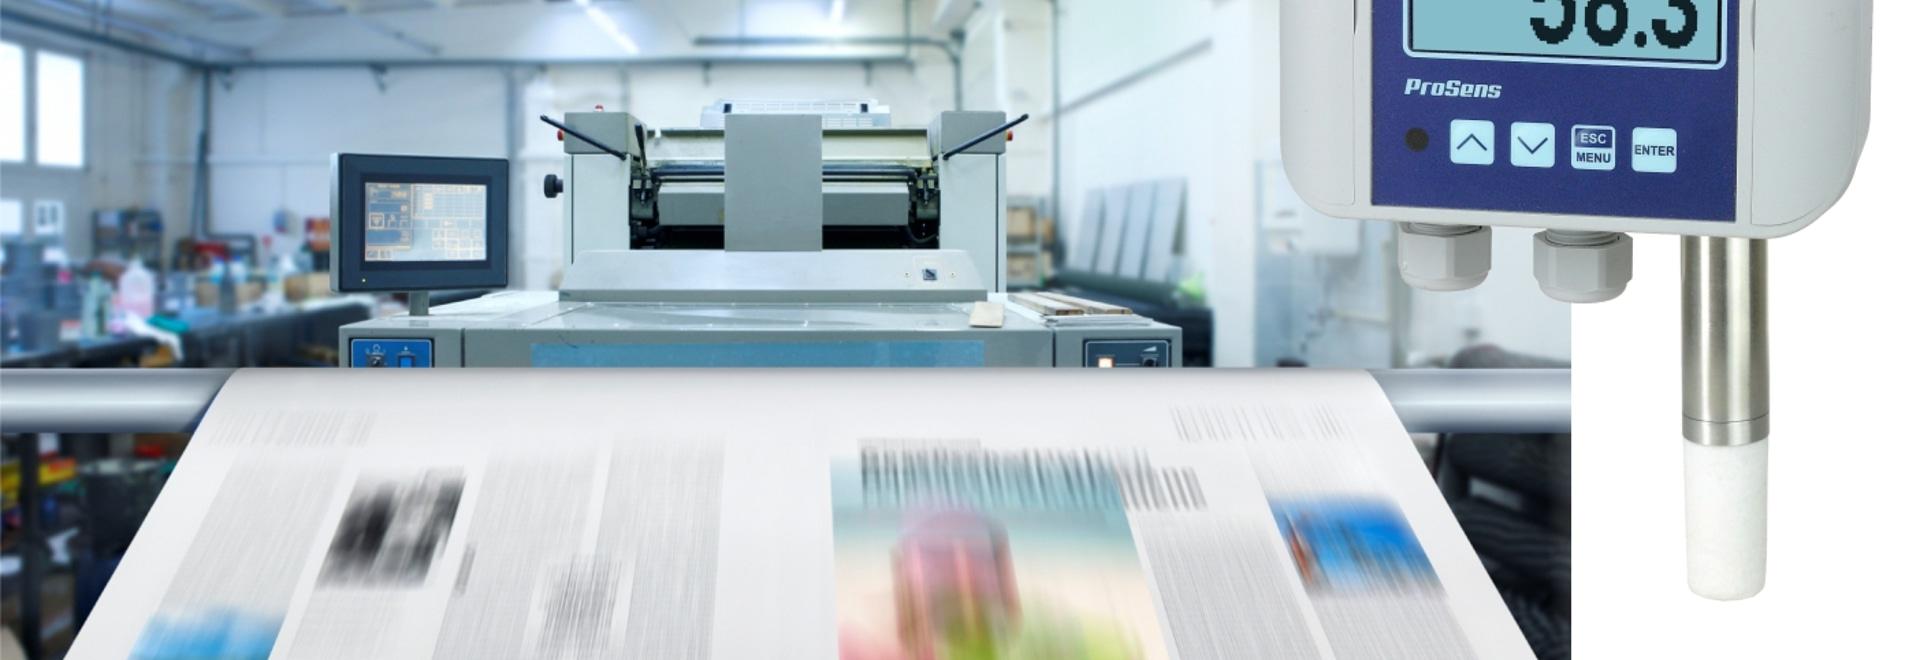 Application #10 : Surveillance de la température et de l'humidité avec ProSens dans l'imprimerie